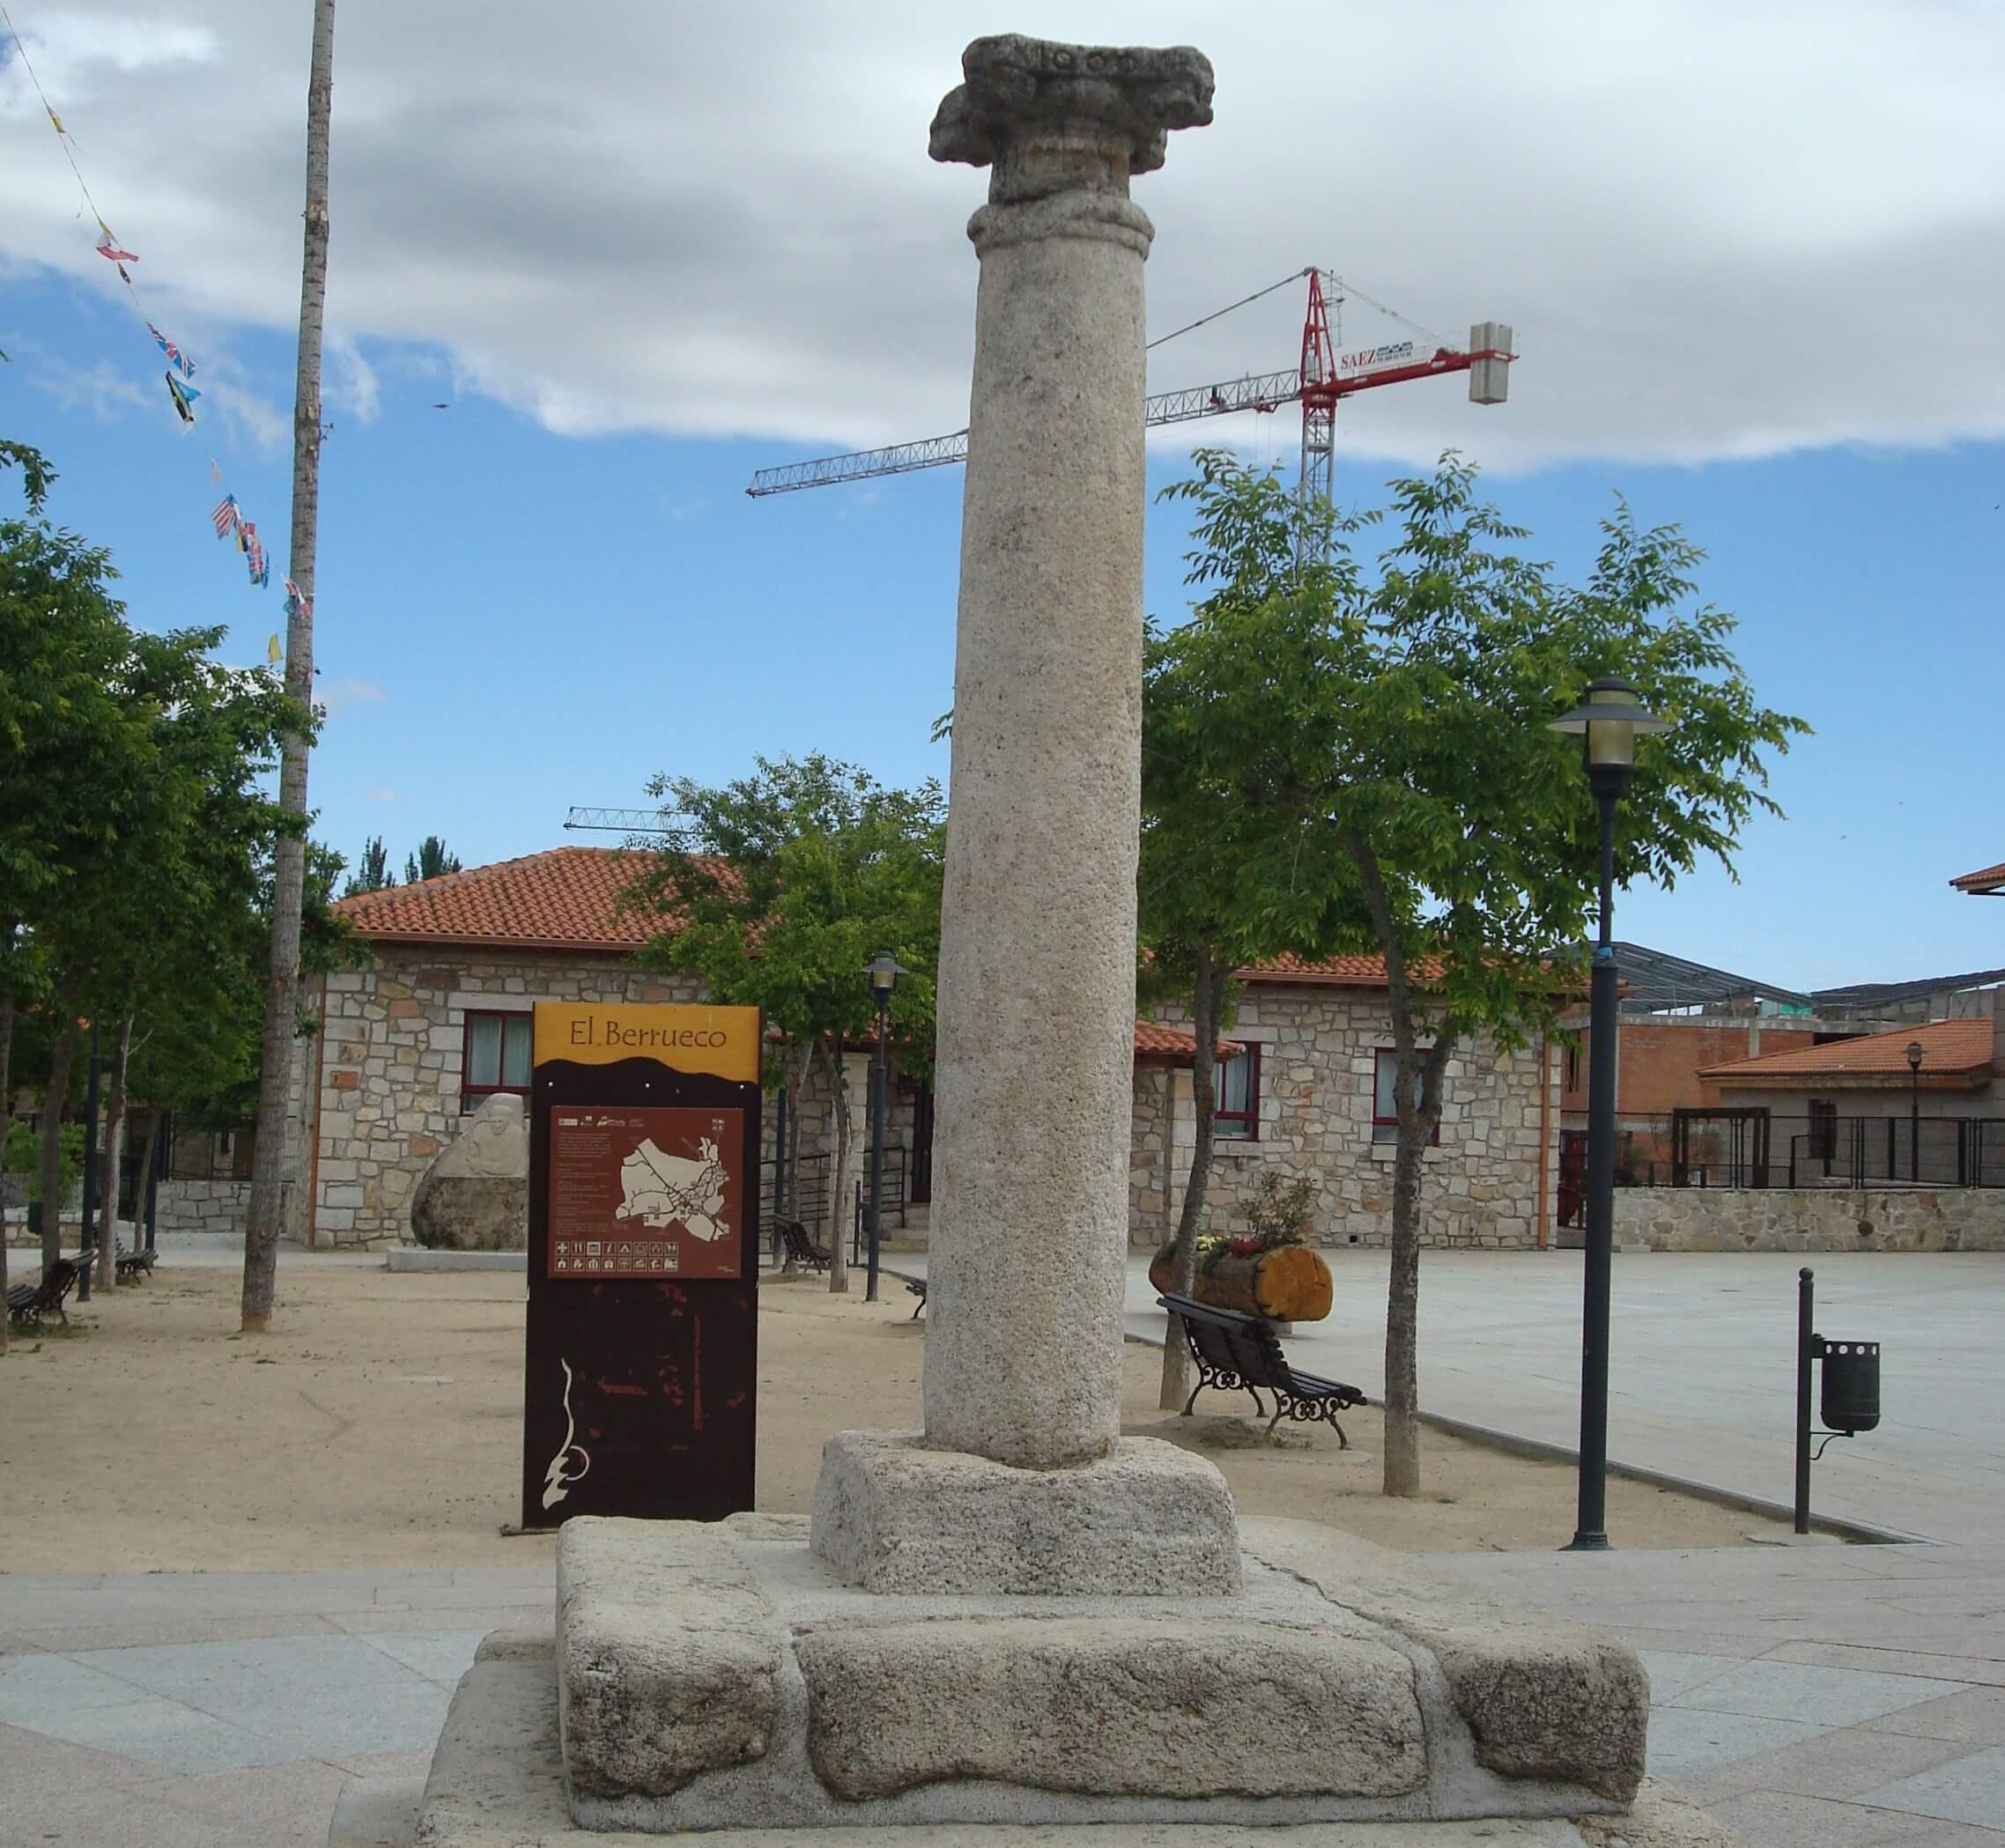 Picota de El Berrueco